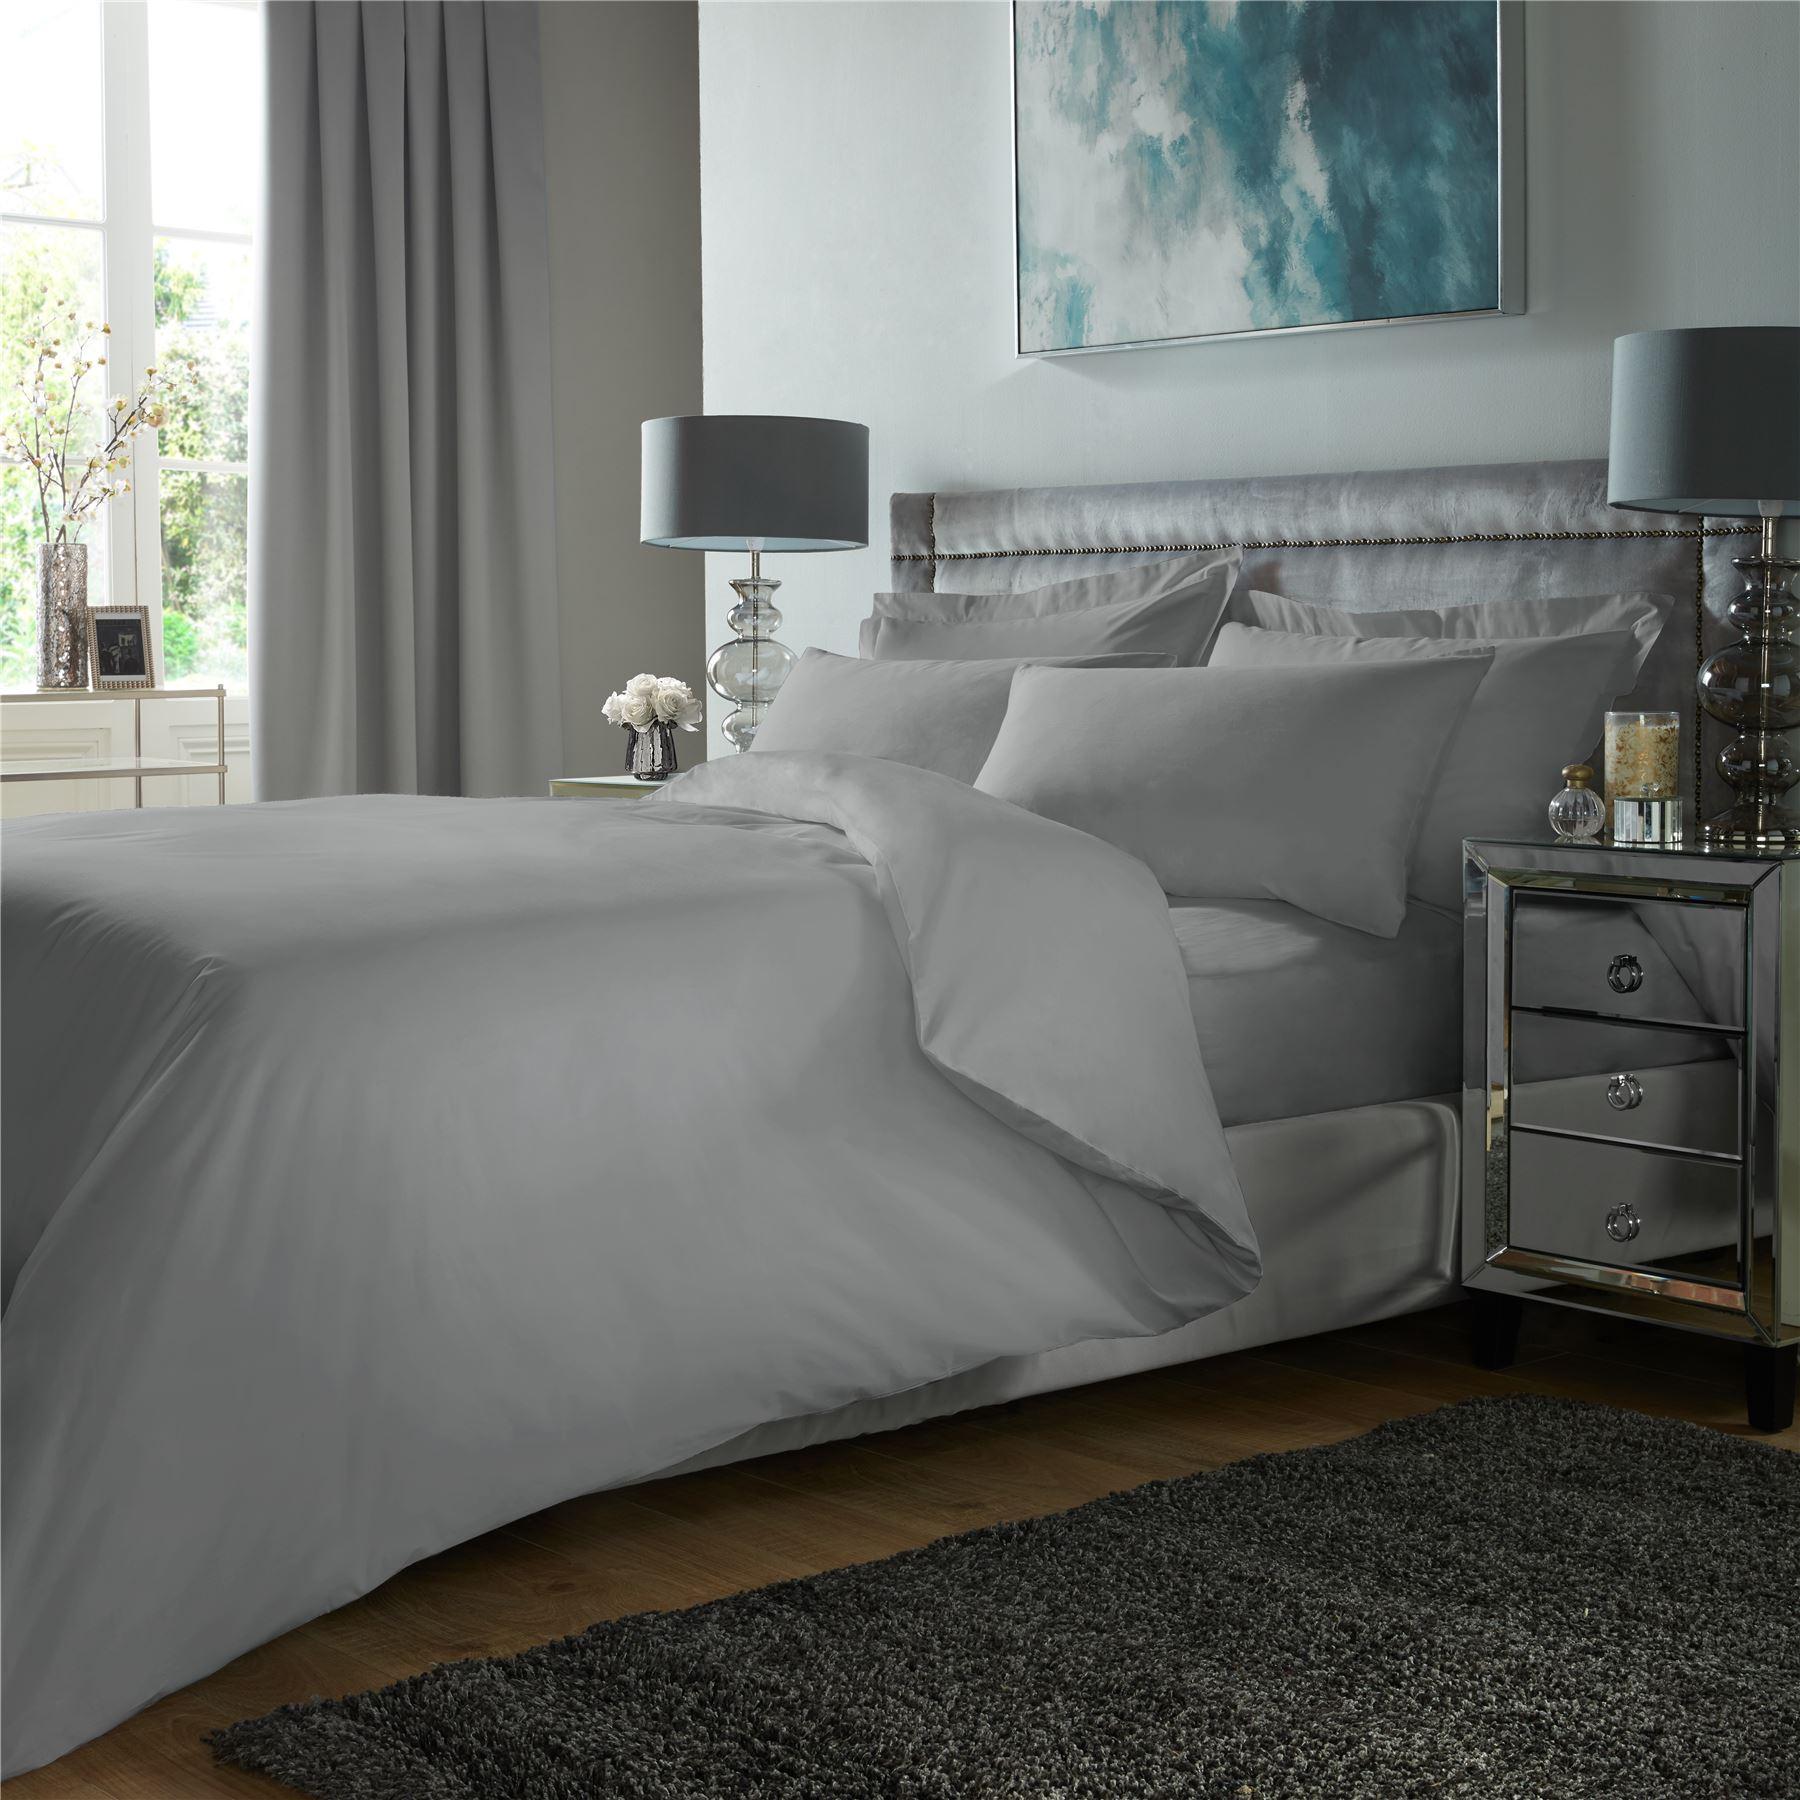 De-Lujo-400TC-conjunto-de-funda-de-edredon-100-Algodon-Egipcio-ropa-de-cama-funda-de-almohada-tenida miniatura 18